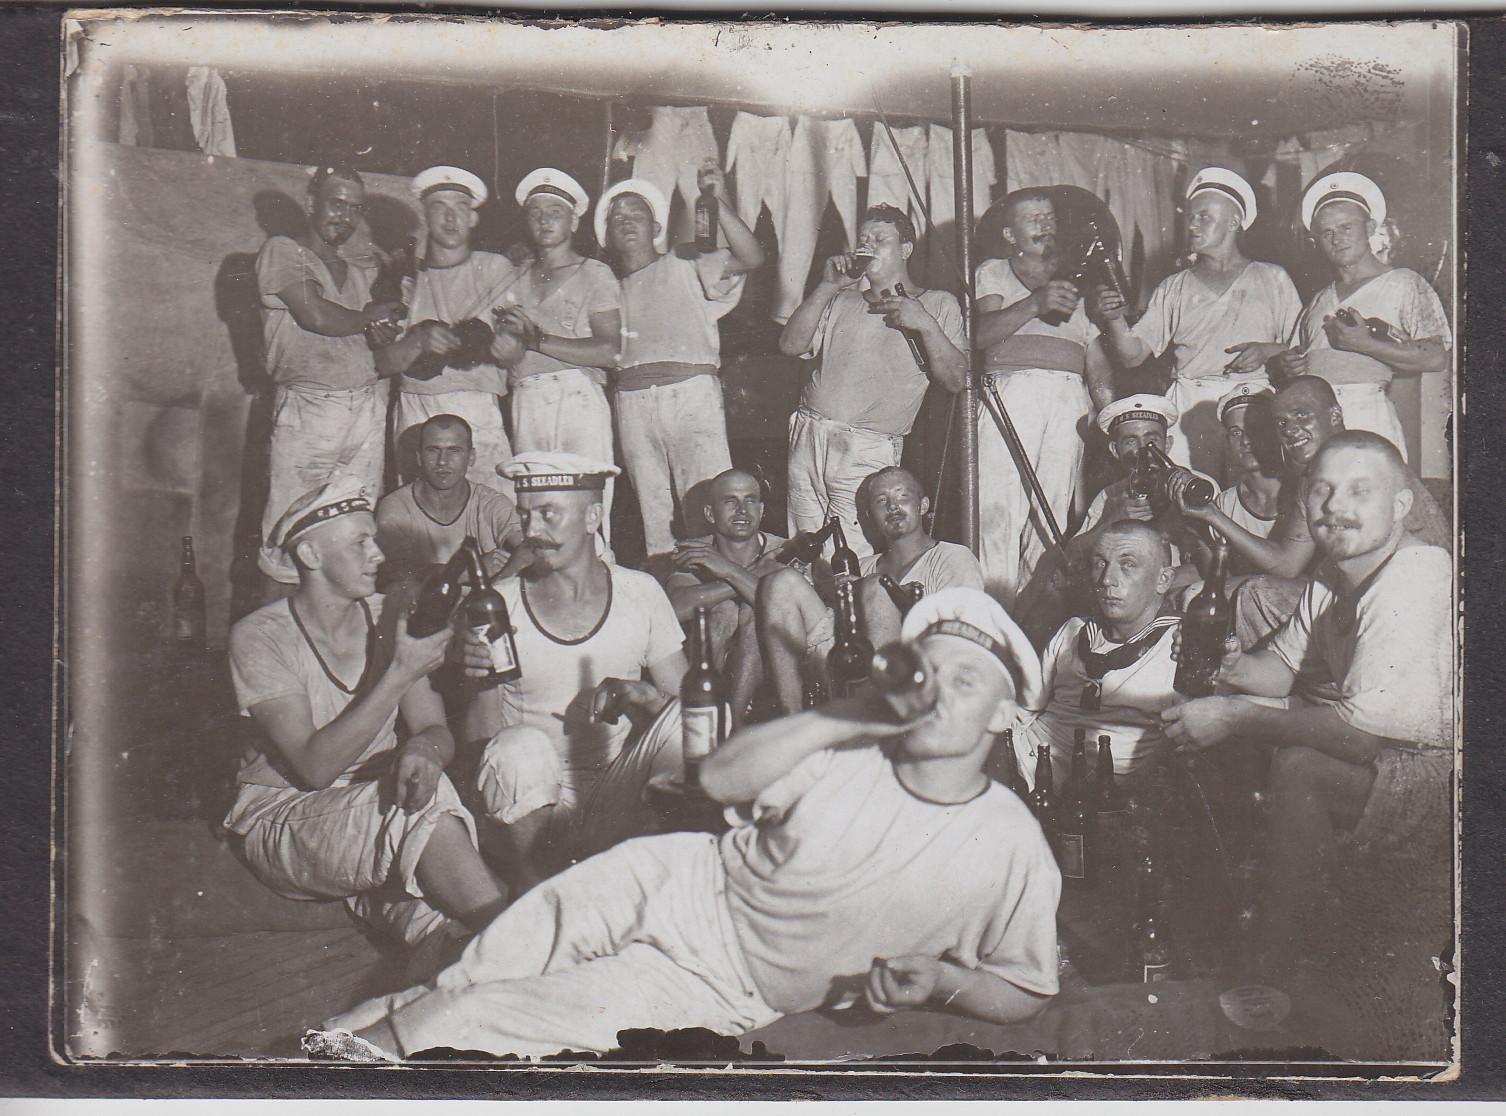 Abschiedsfeier am 12.08.1910 - Mt. Brockmann zum Victoria See (Muansa), Mt. Ruoff zum Victoria-See (Bukoba), Mt. Schultz zum Tanganjika-See (Kigoma) und Ob.Mt. Brobisch zum Nyassa See (Langenburg)